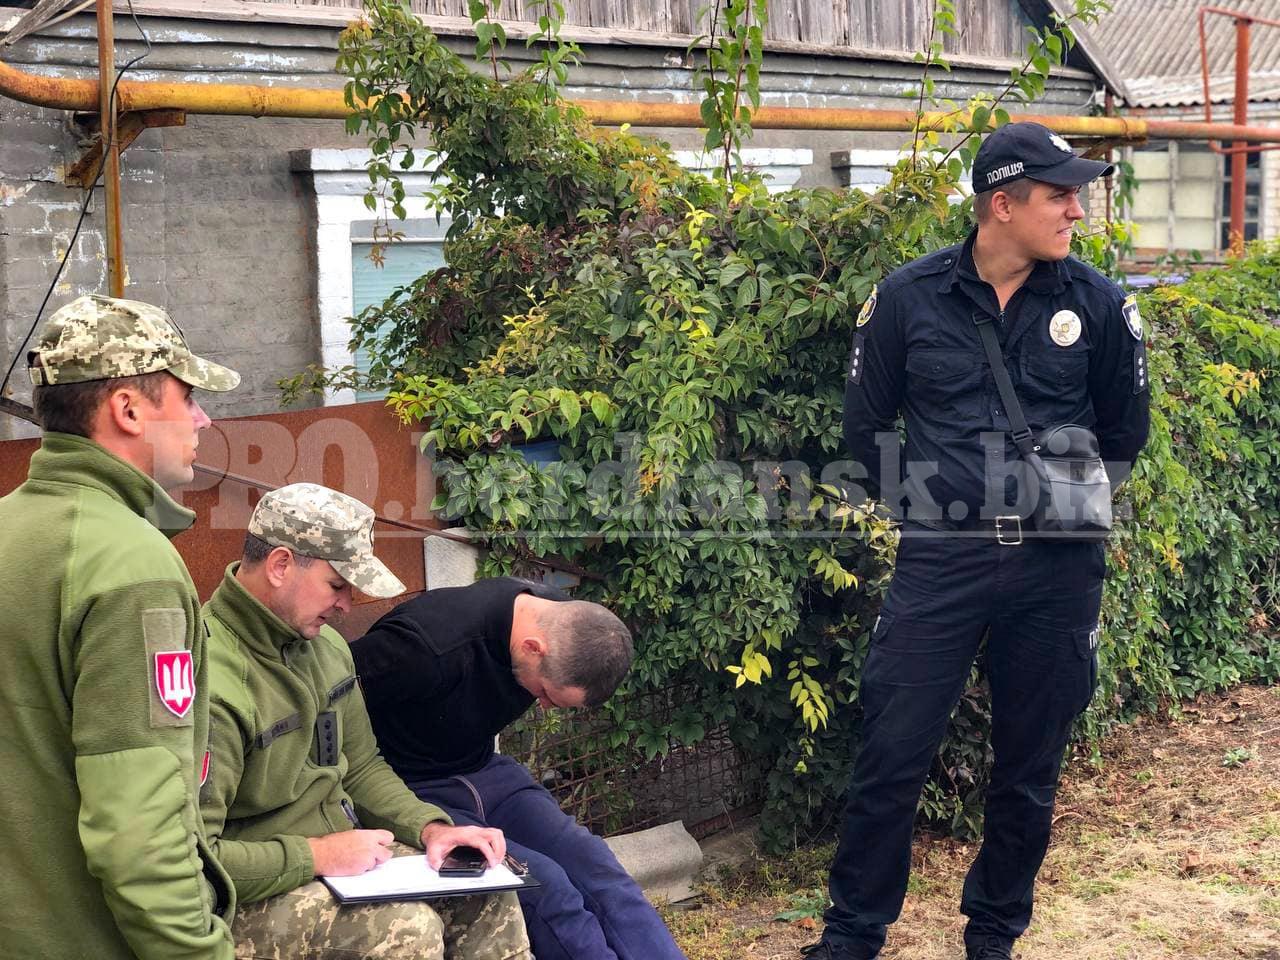 В Бердянске задержали пьяного военного, которого подозревают в совершении ДТП и хранении наркотиков